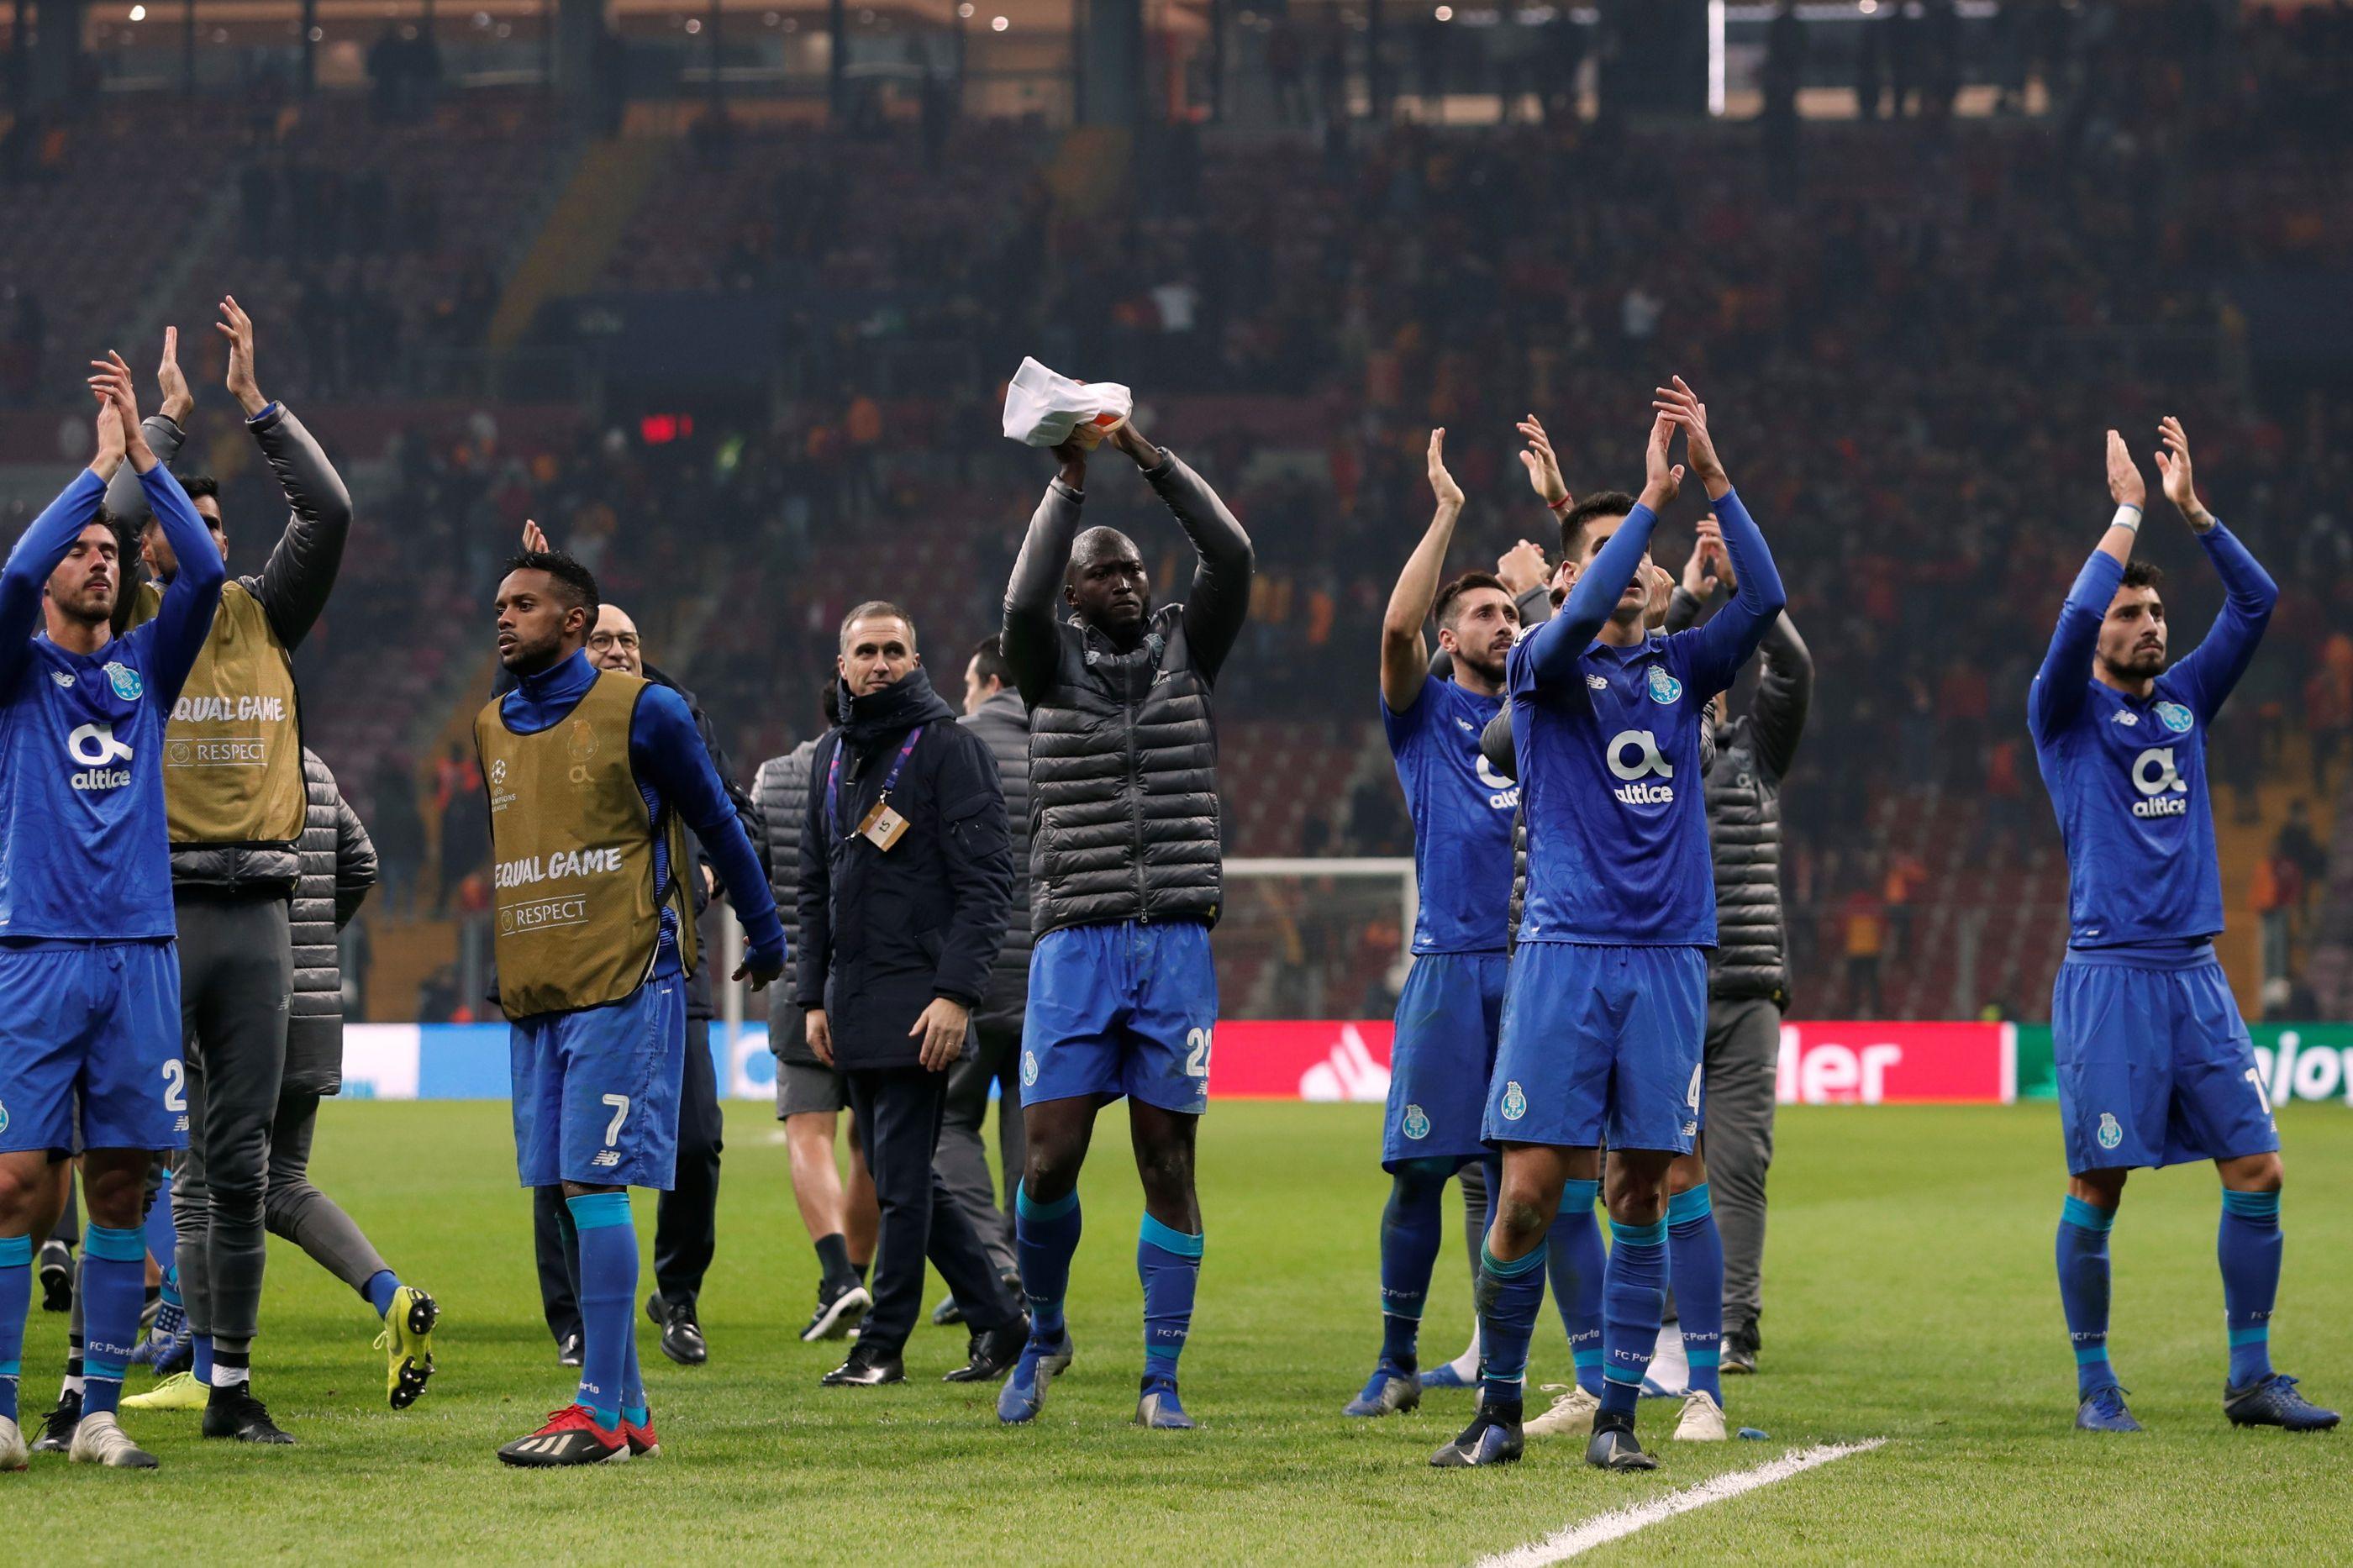 Champions: Casas de apostas 'apoiam' City e 'torcem o nariz' ao FC Porto